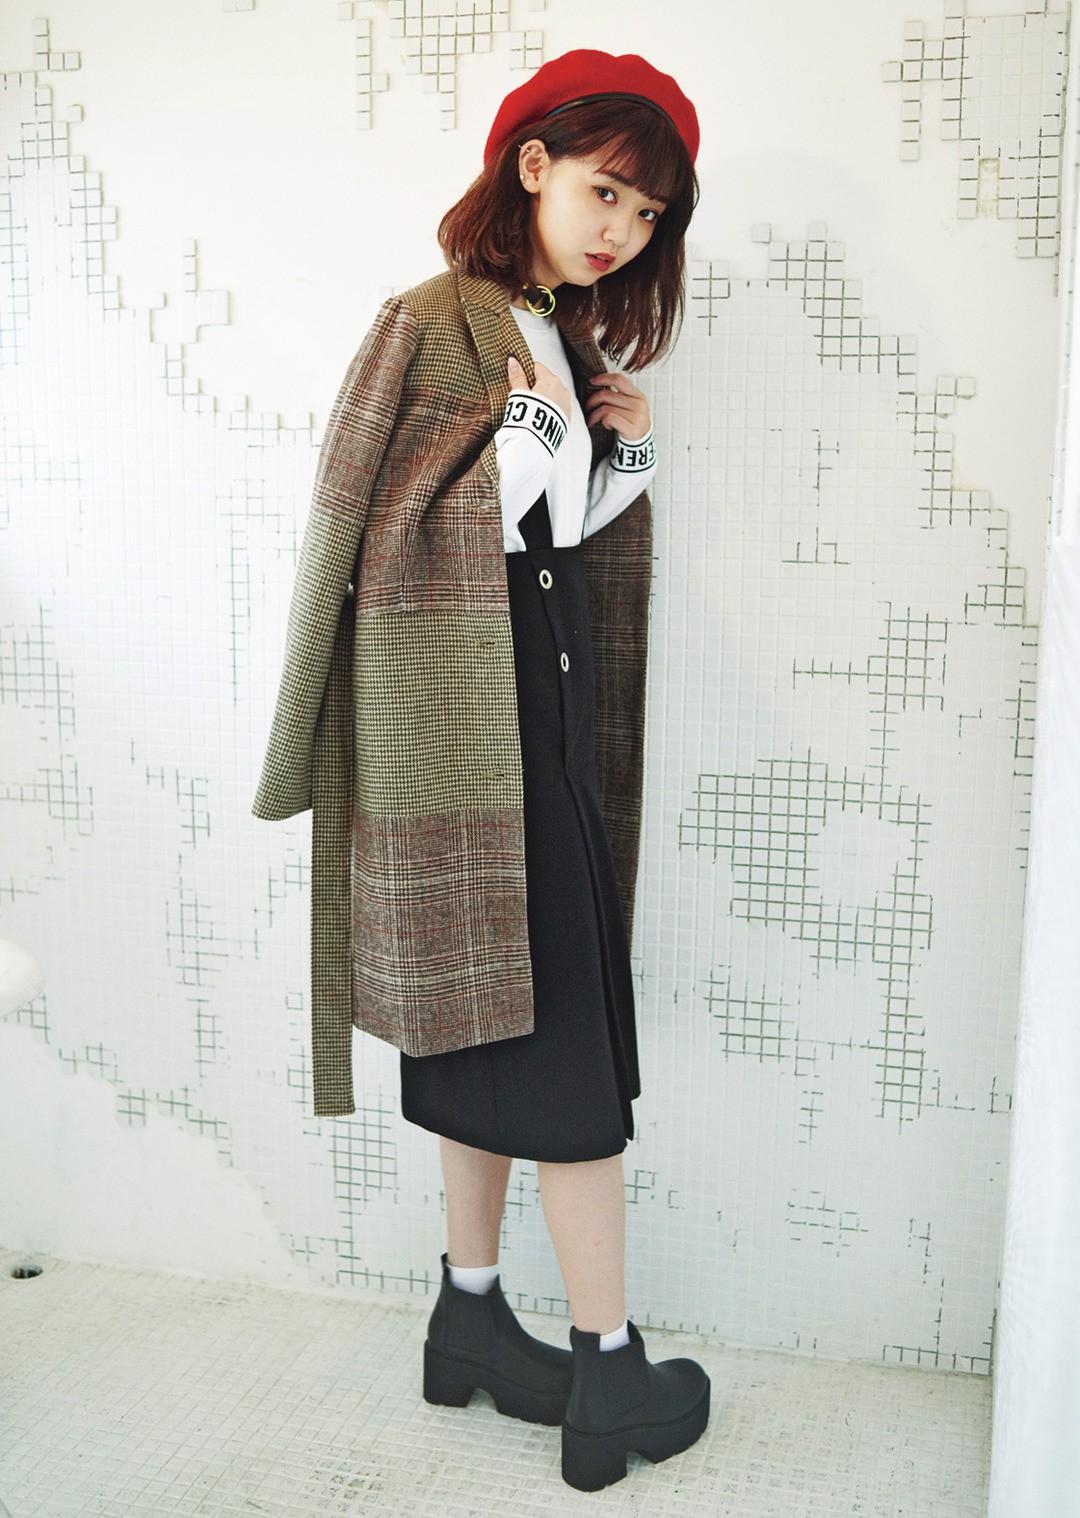 「ロングアウター×ロングボトムの合わせ、これからしたーい! ヴィンテージっぽいチェックのコートの中に、ストリートっぽいモノトーンコーデを入れたとこが私っぽいでしょ?」(江野沢愛美)